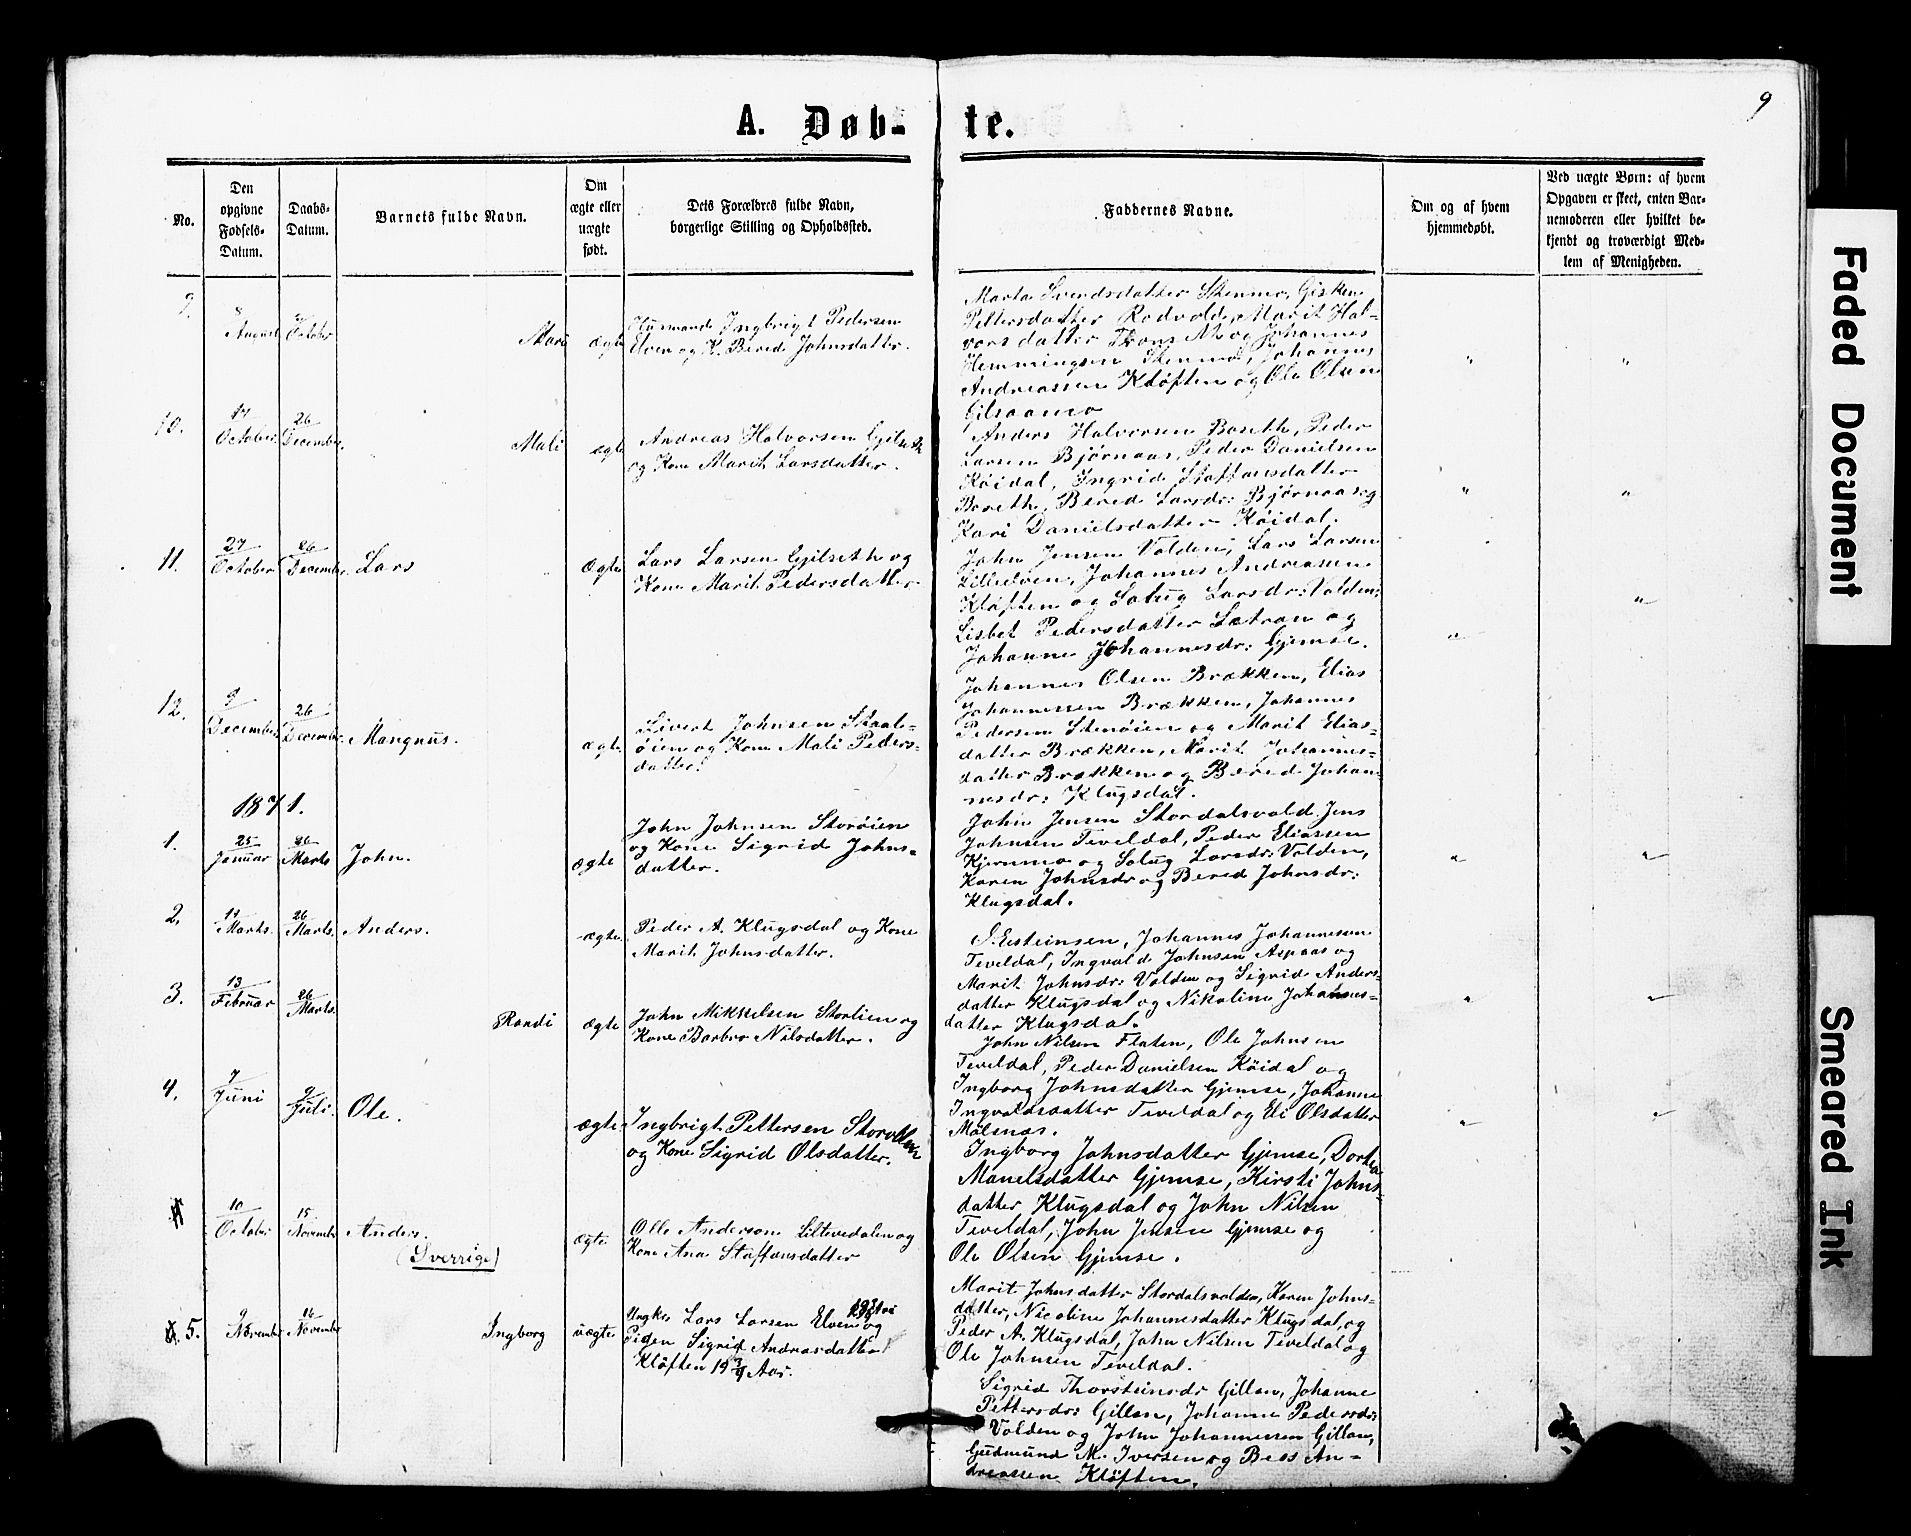 SAT, Ministerialprotokoller, klokkerbøker og fødselsregistre - Nord-Trøndelag, 707/L0052: Klokkerbok nr. 707C01, 1864-1897, s. 9